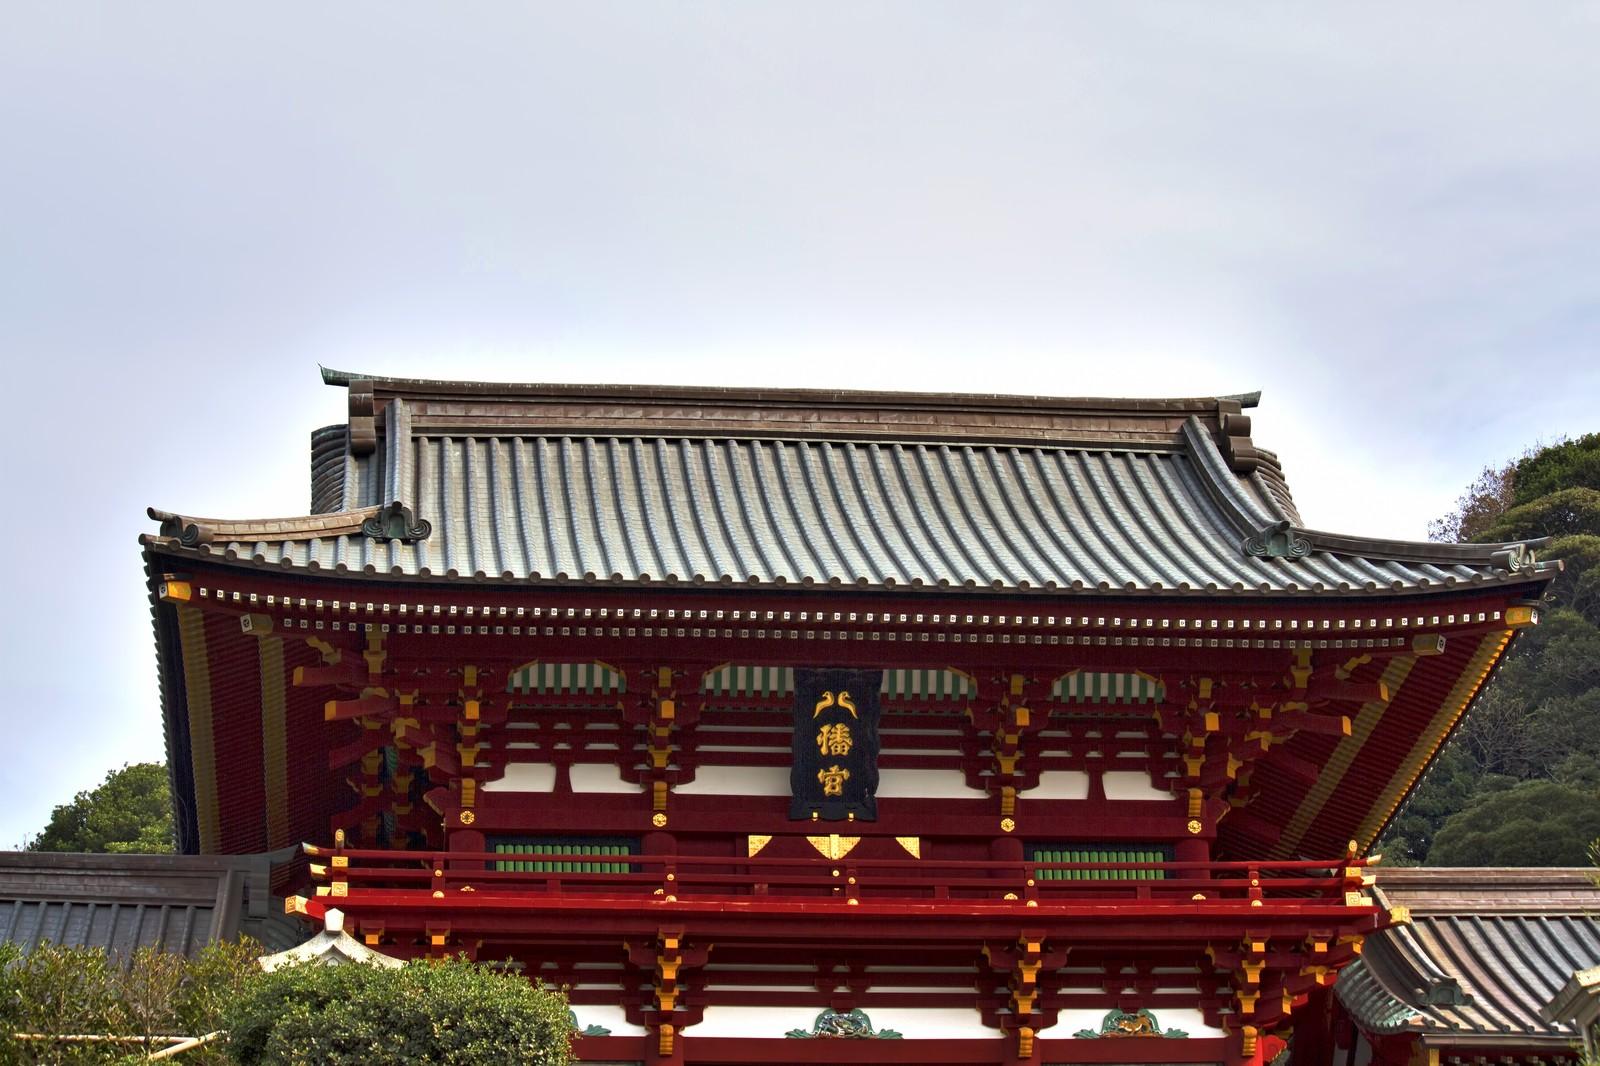 ぼんぼり祭りは鎌倉で!屋台・ホテル・旅館・温泉等人気の場所をご紹介